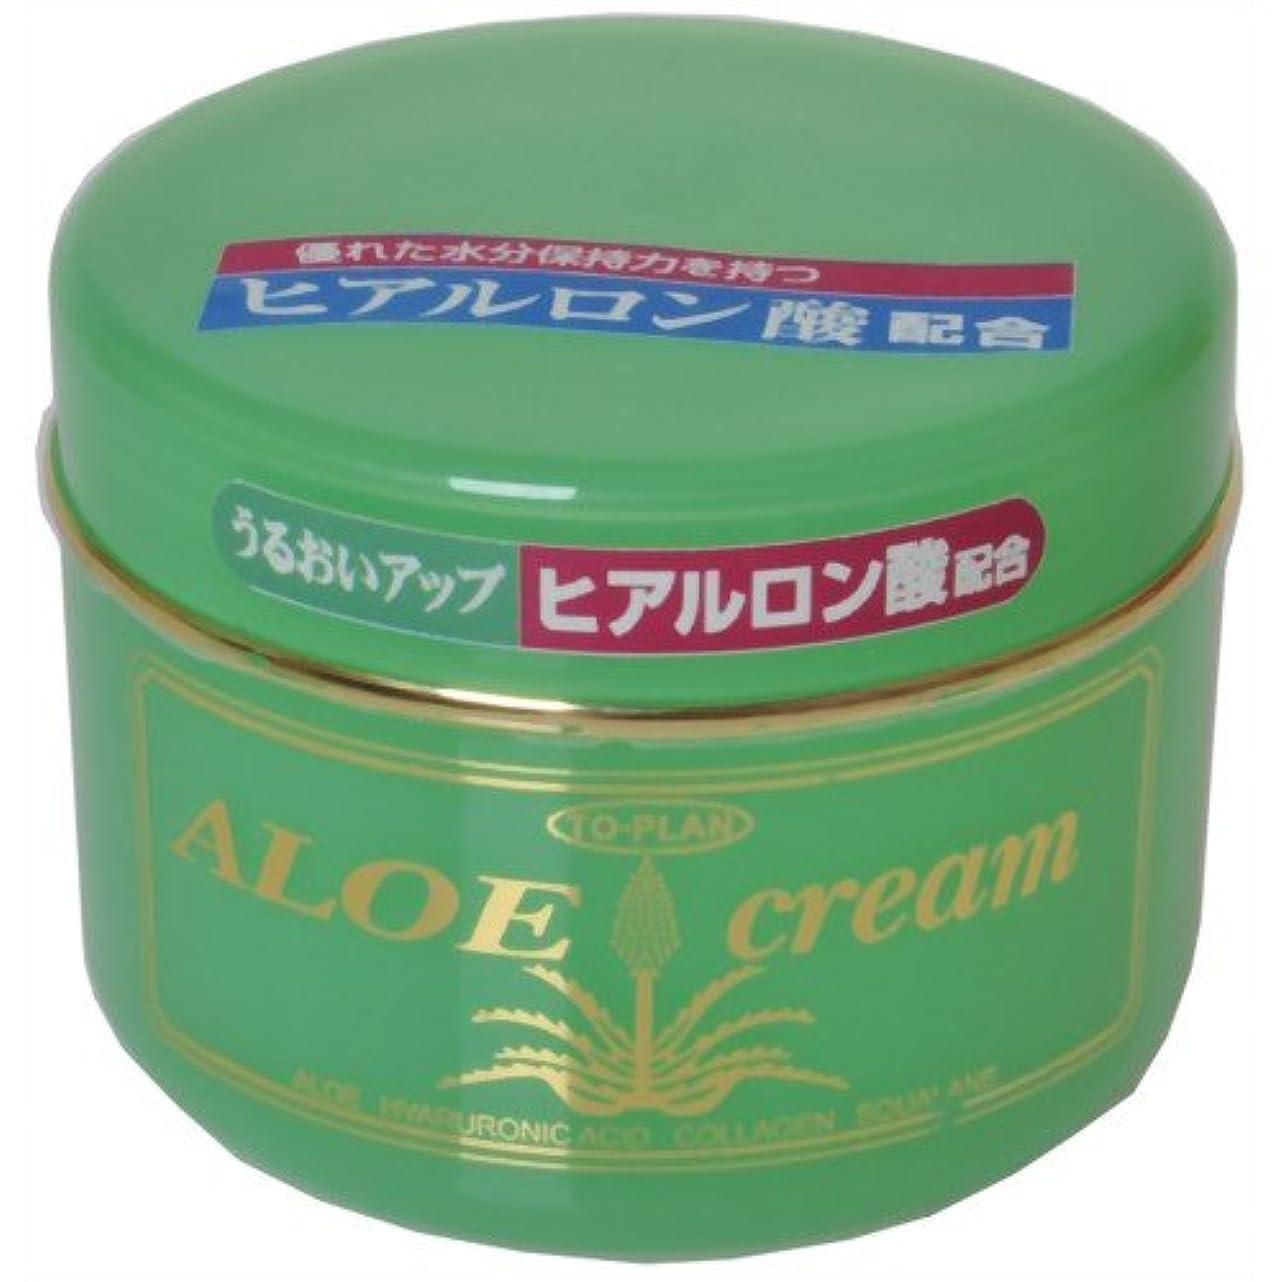 ツール止まるショップTO-PLAN(トプラン) ヒアルロン酸?アロエエキス?スクワラン配合アロエクリーム170g